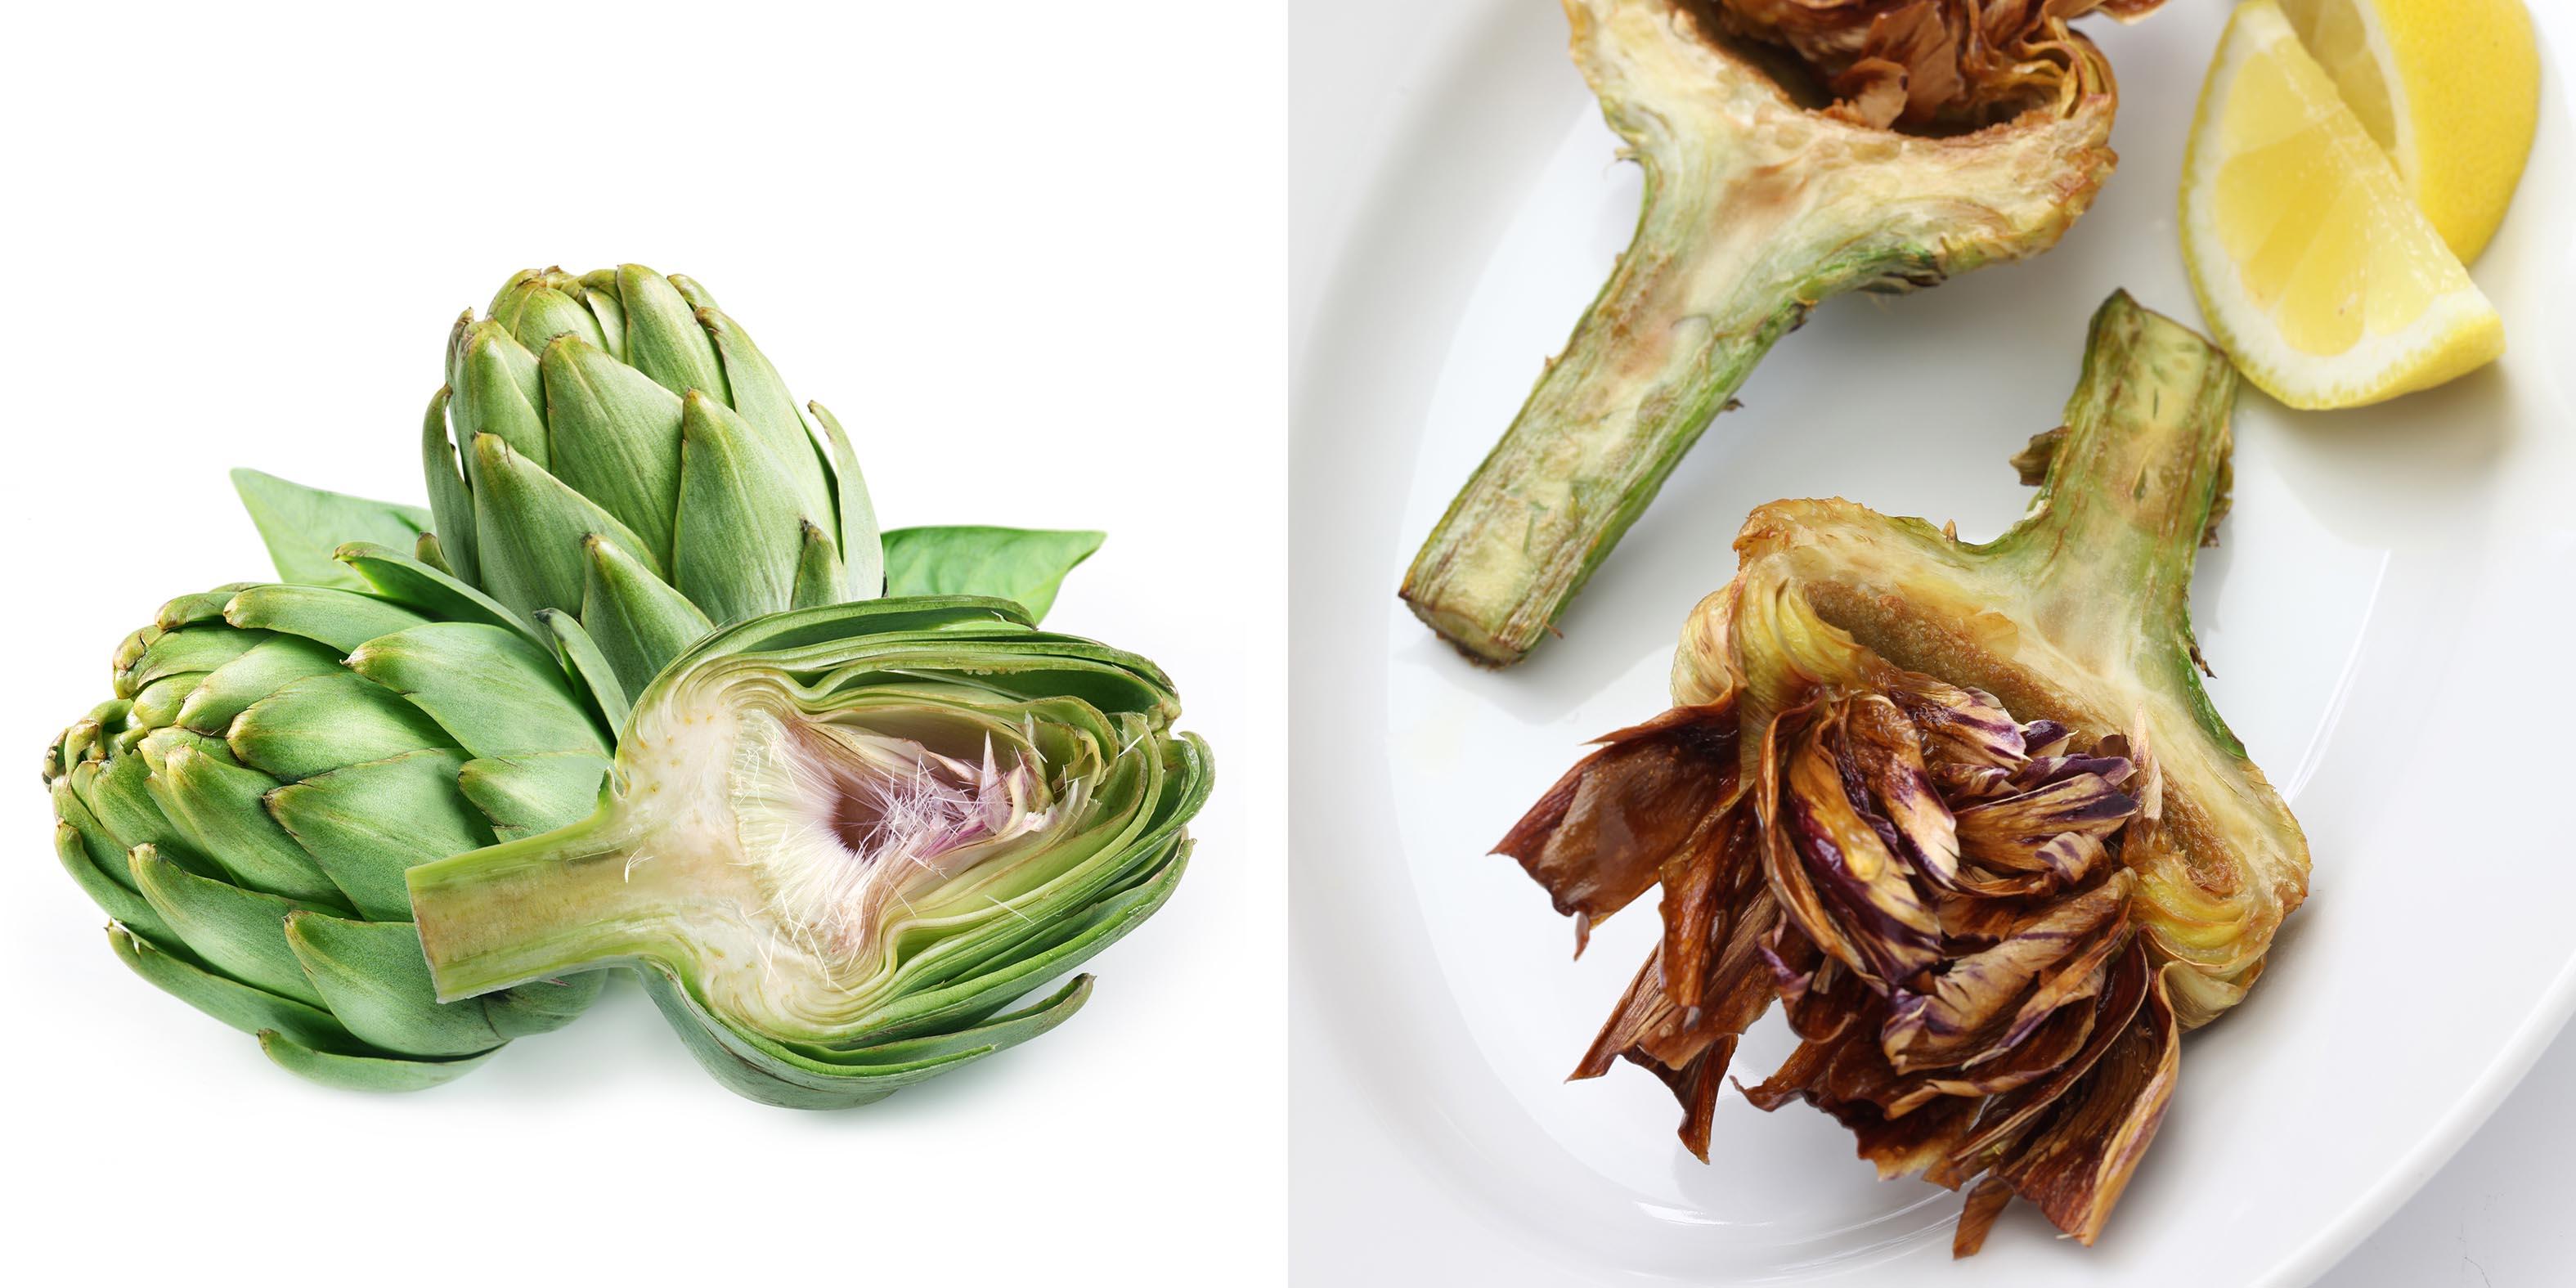 Артишок: что это такое, как готовить, полезные свойства